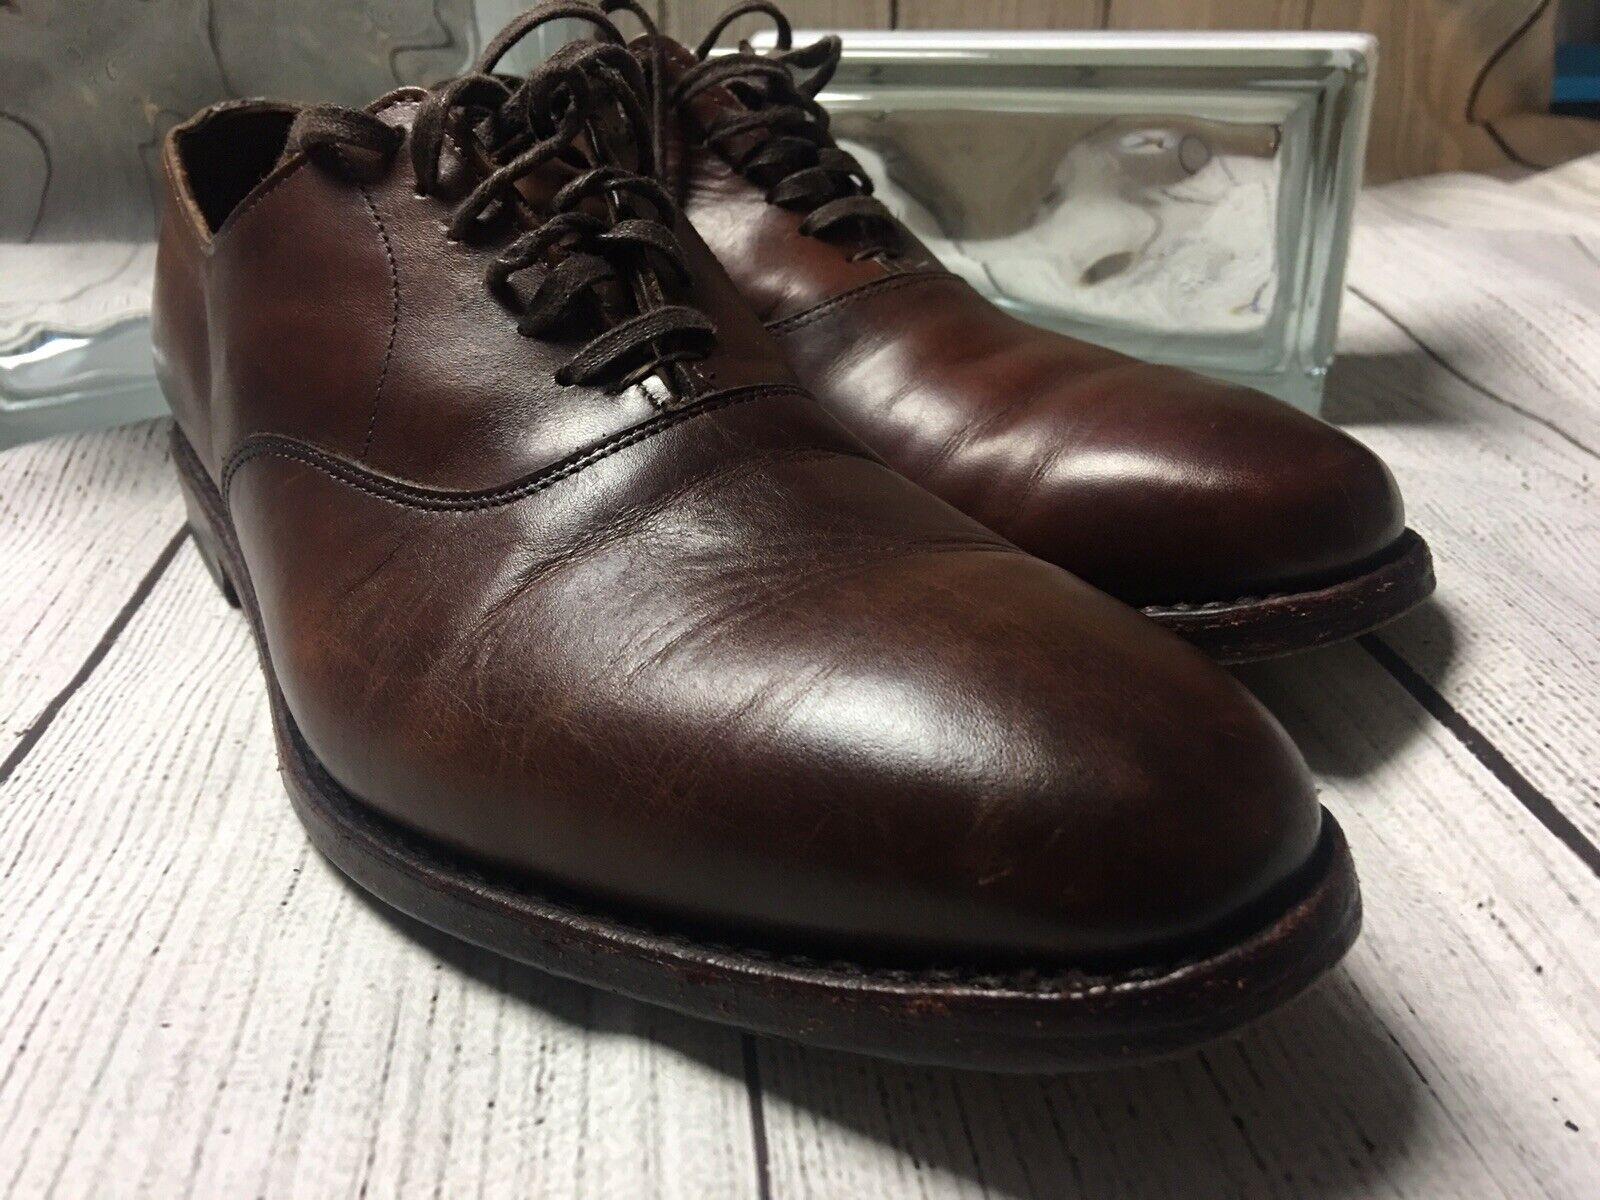 Allen Edmonds Plain Toe marron Oxford Chaussures en cuir Homme Taille 9 D